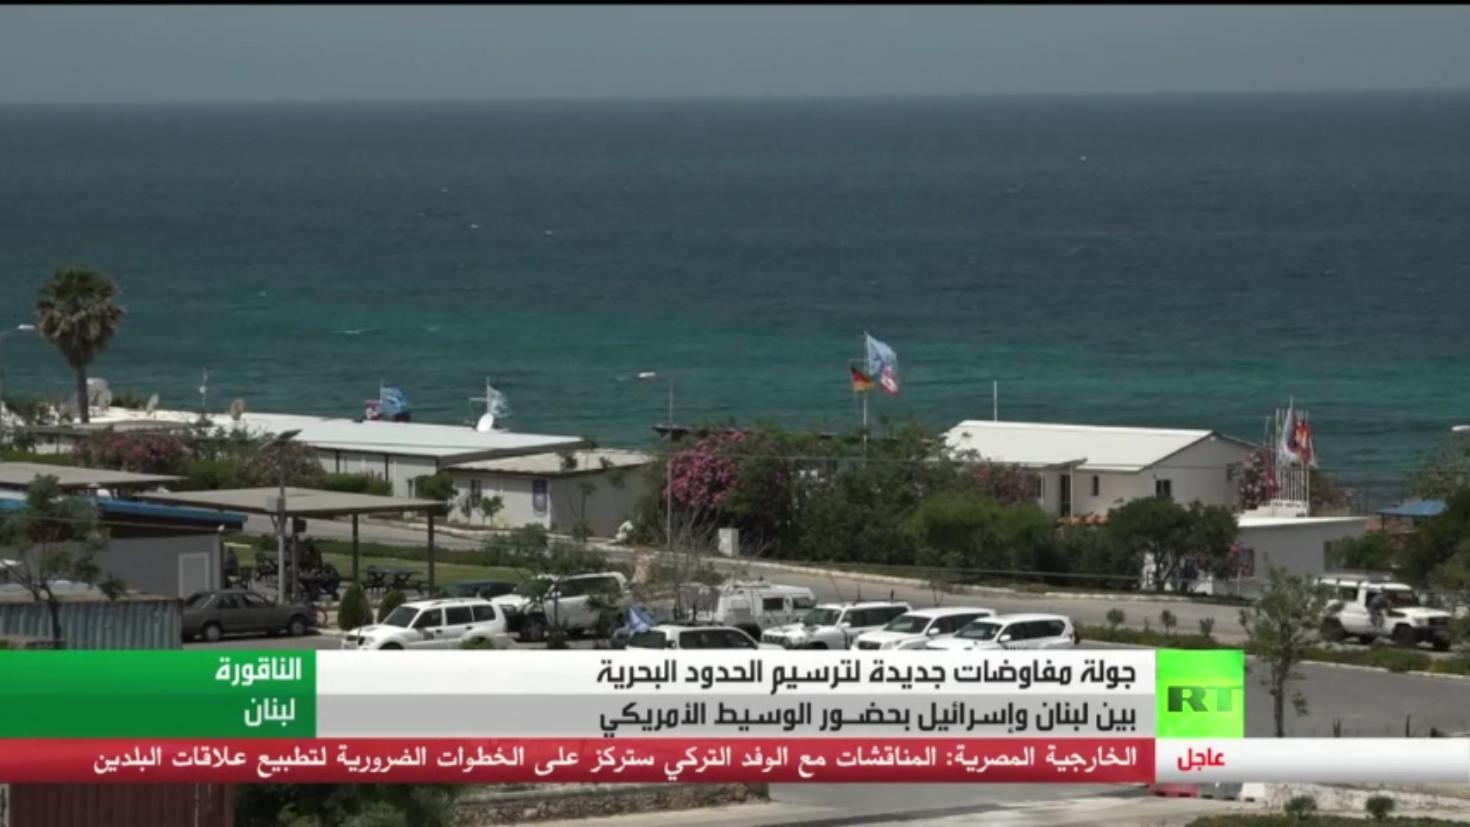 جولة مفاوضات جديدة لترسيم الحدود البحرية بين لبنان وإسرائيل بحضور الوسيط الأمريكي